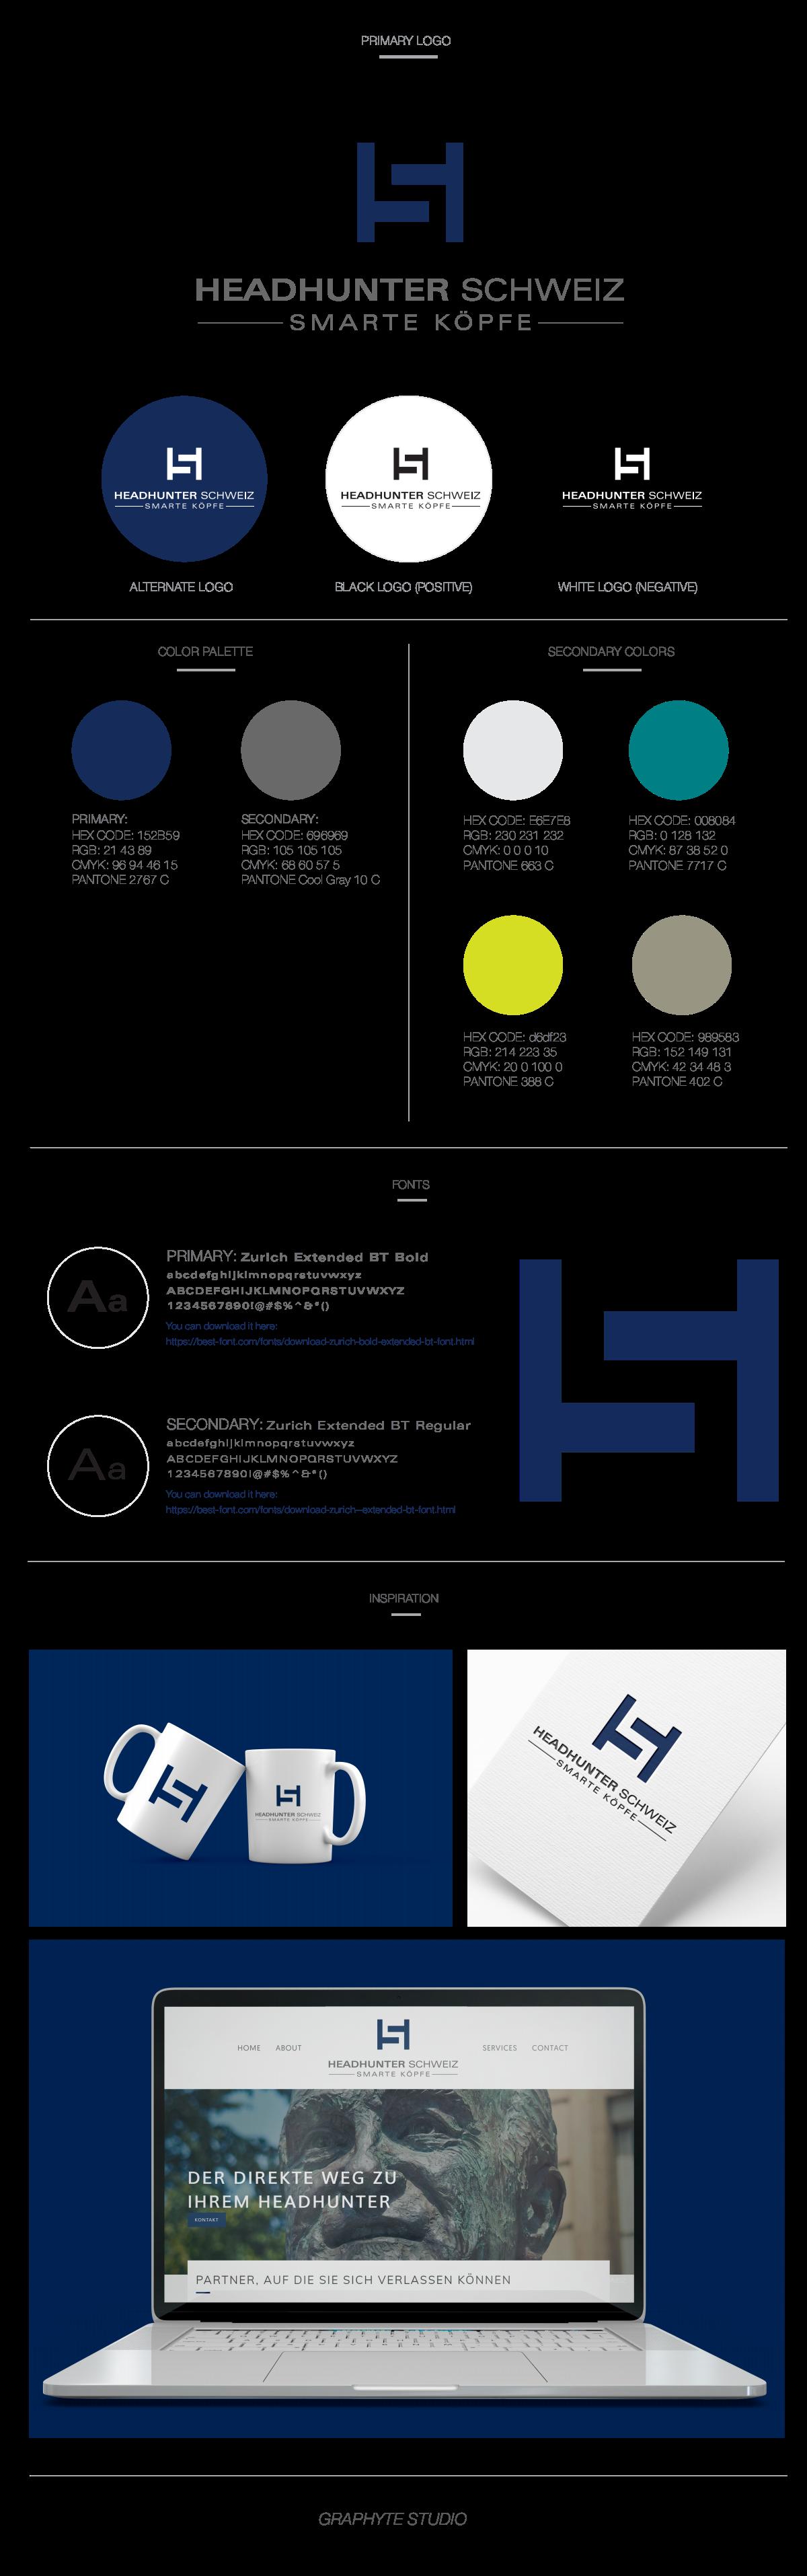 Online Portal für Head-Hunter